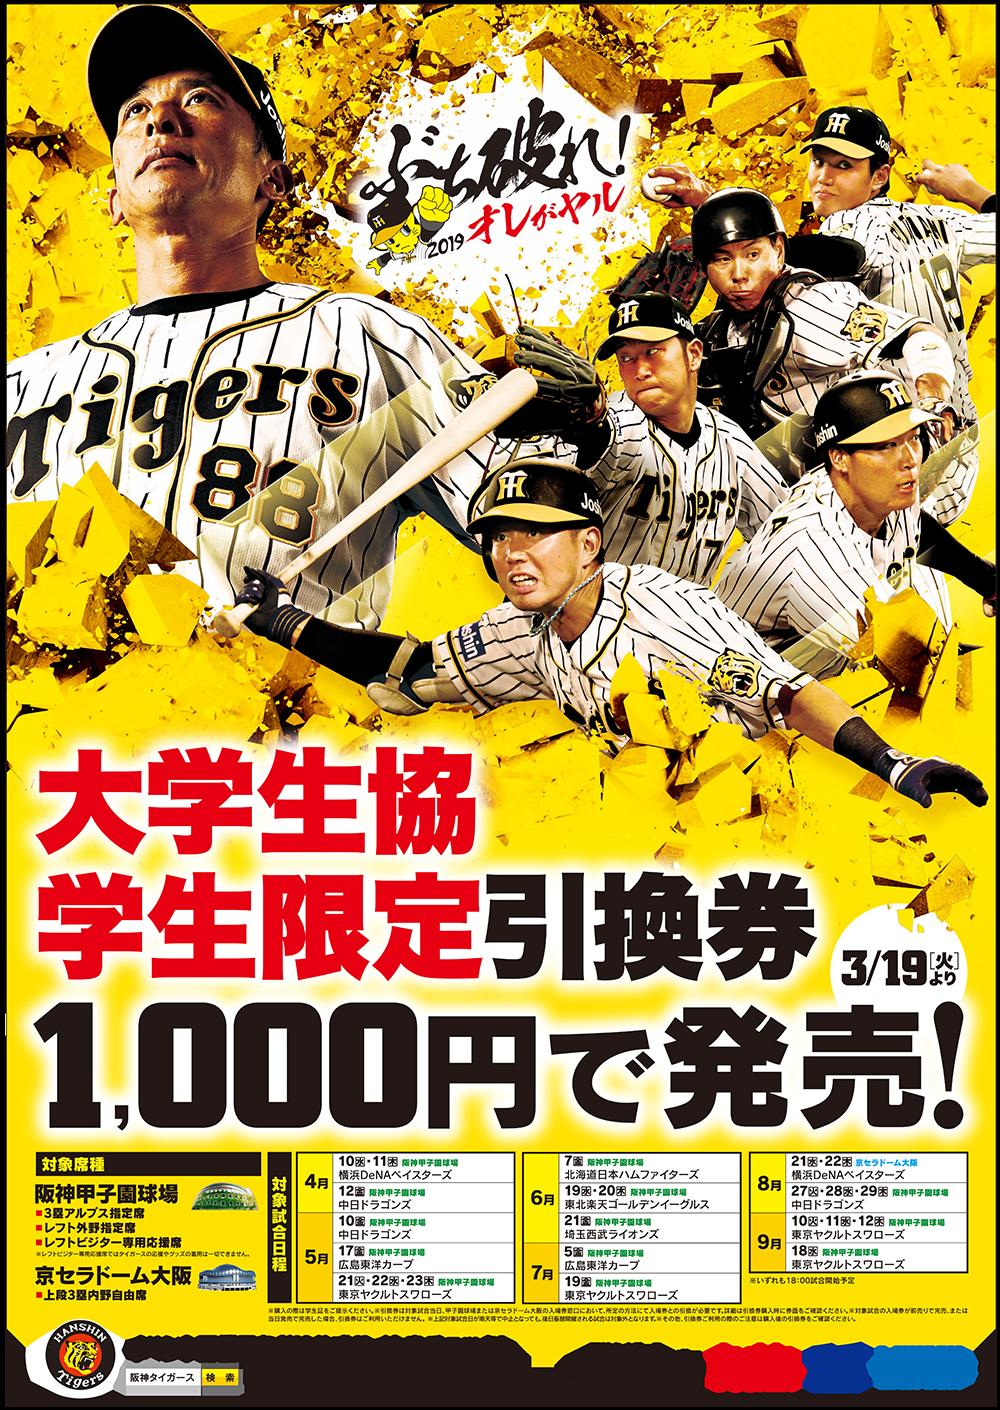 阪神タイガース 学生限定特別引換券(¥1,000)販売中!